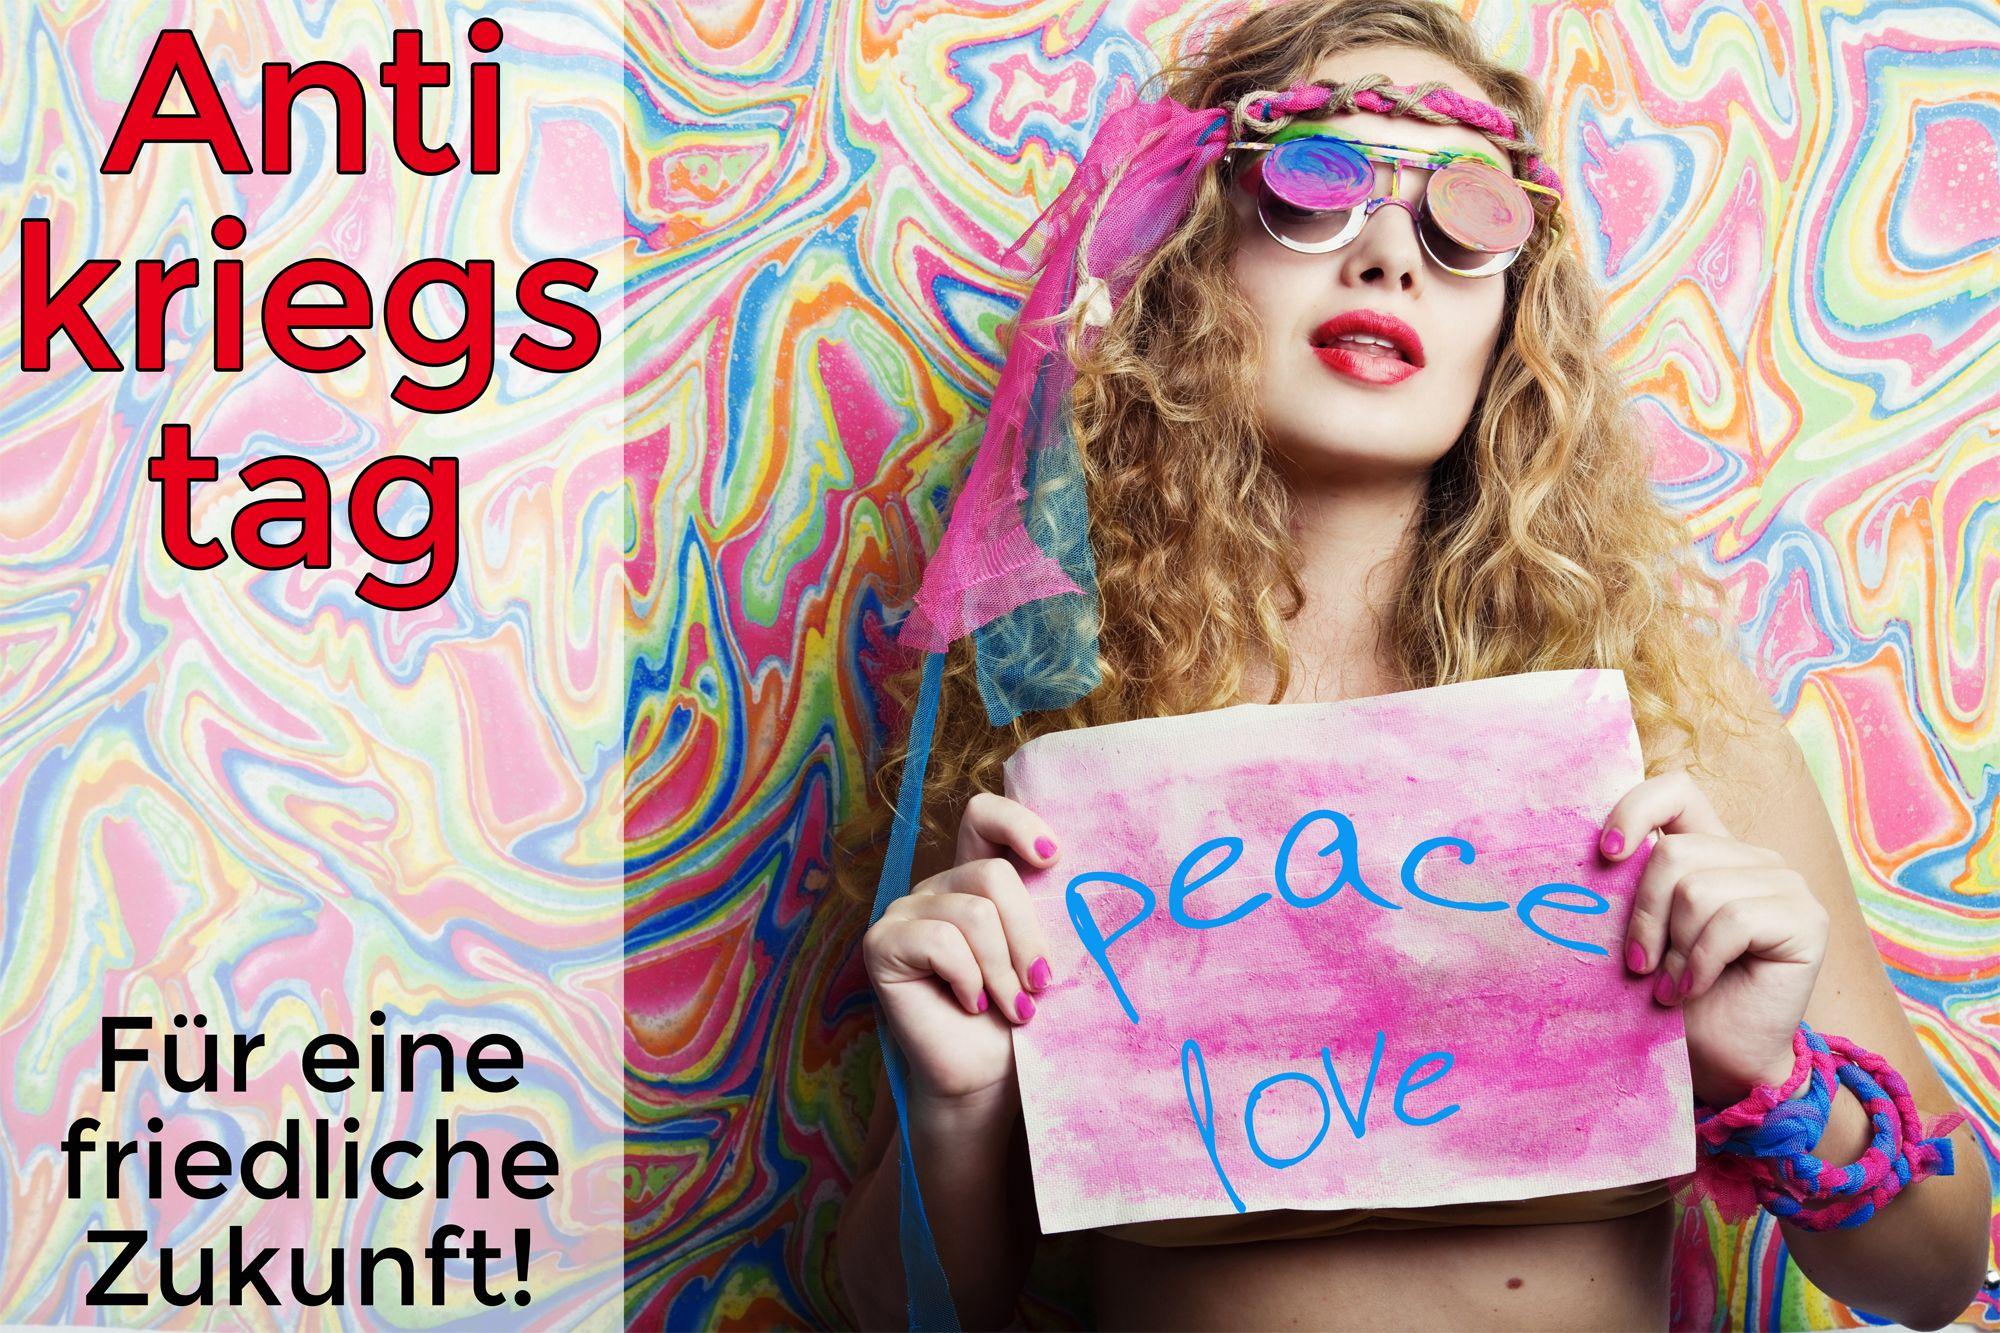 Antikriegstag: Für eine friedliche Zukunft!  #antikriegstag #printmelion #onlinedruck #onlinedruckerei http://www.printmelion.de